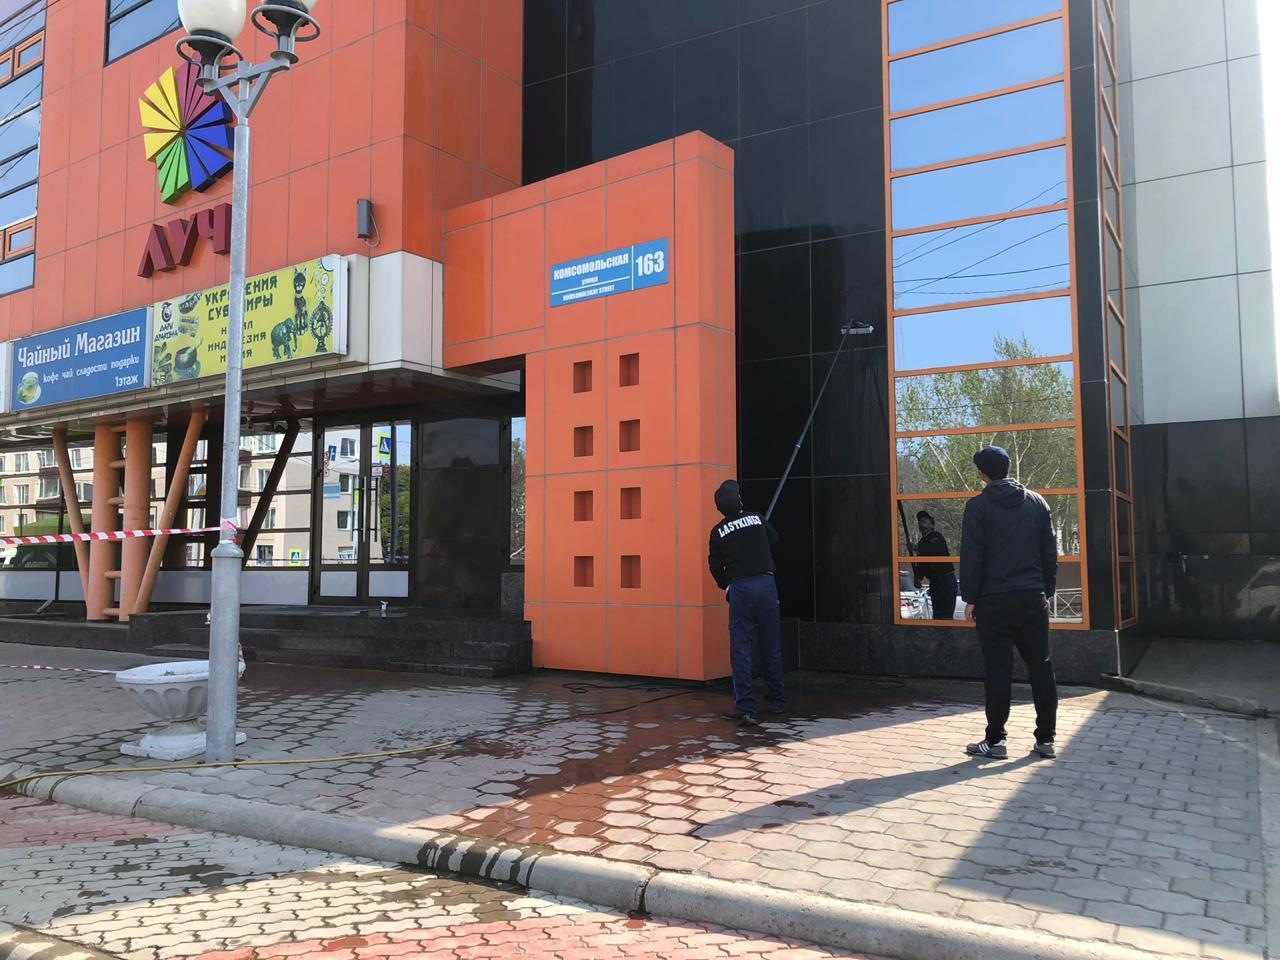 Мытье фасадов в калининграде